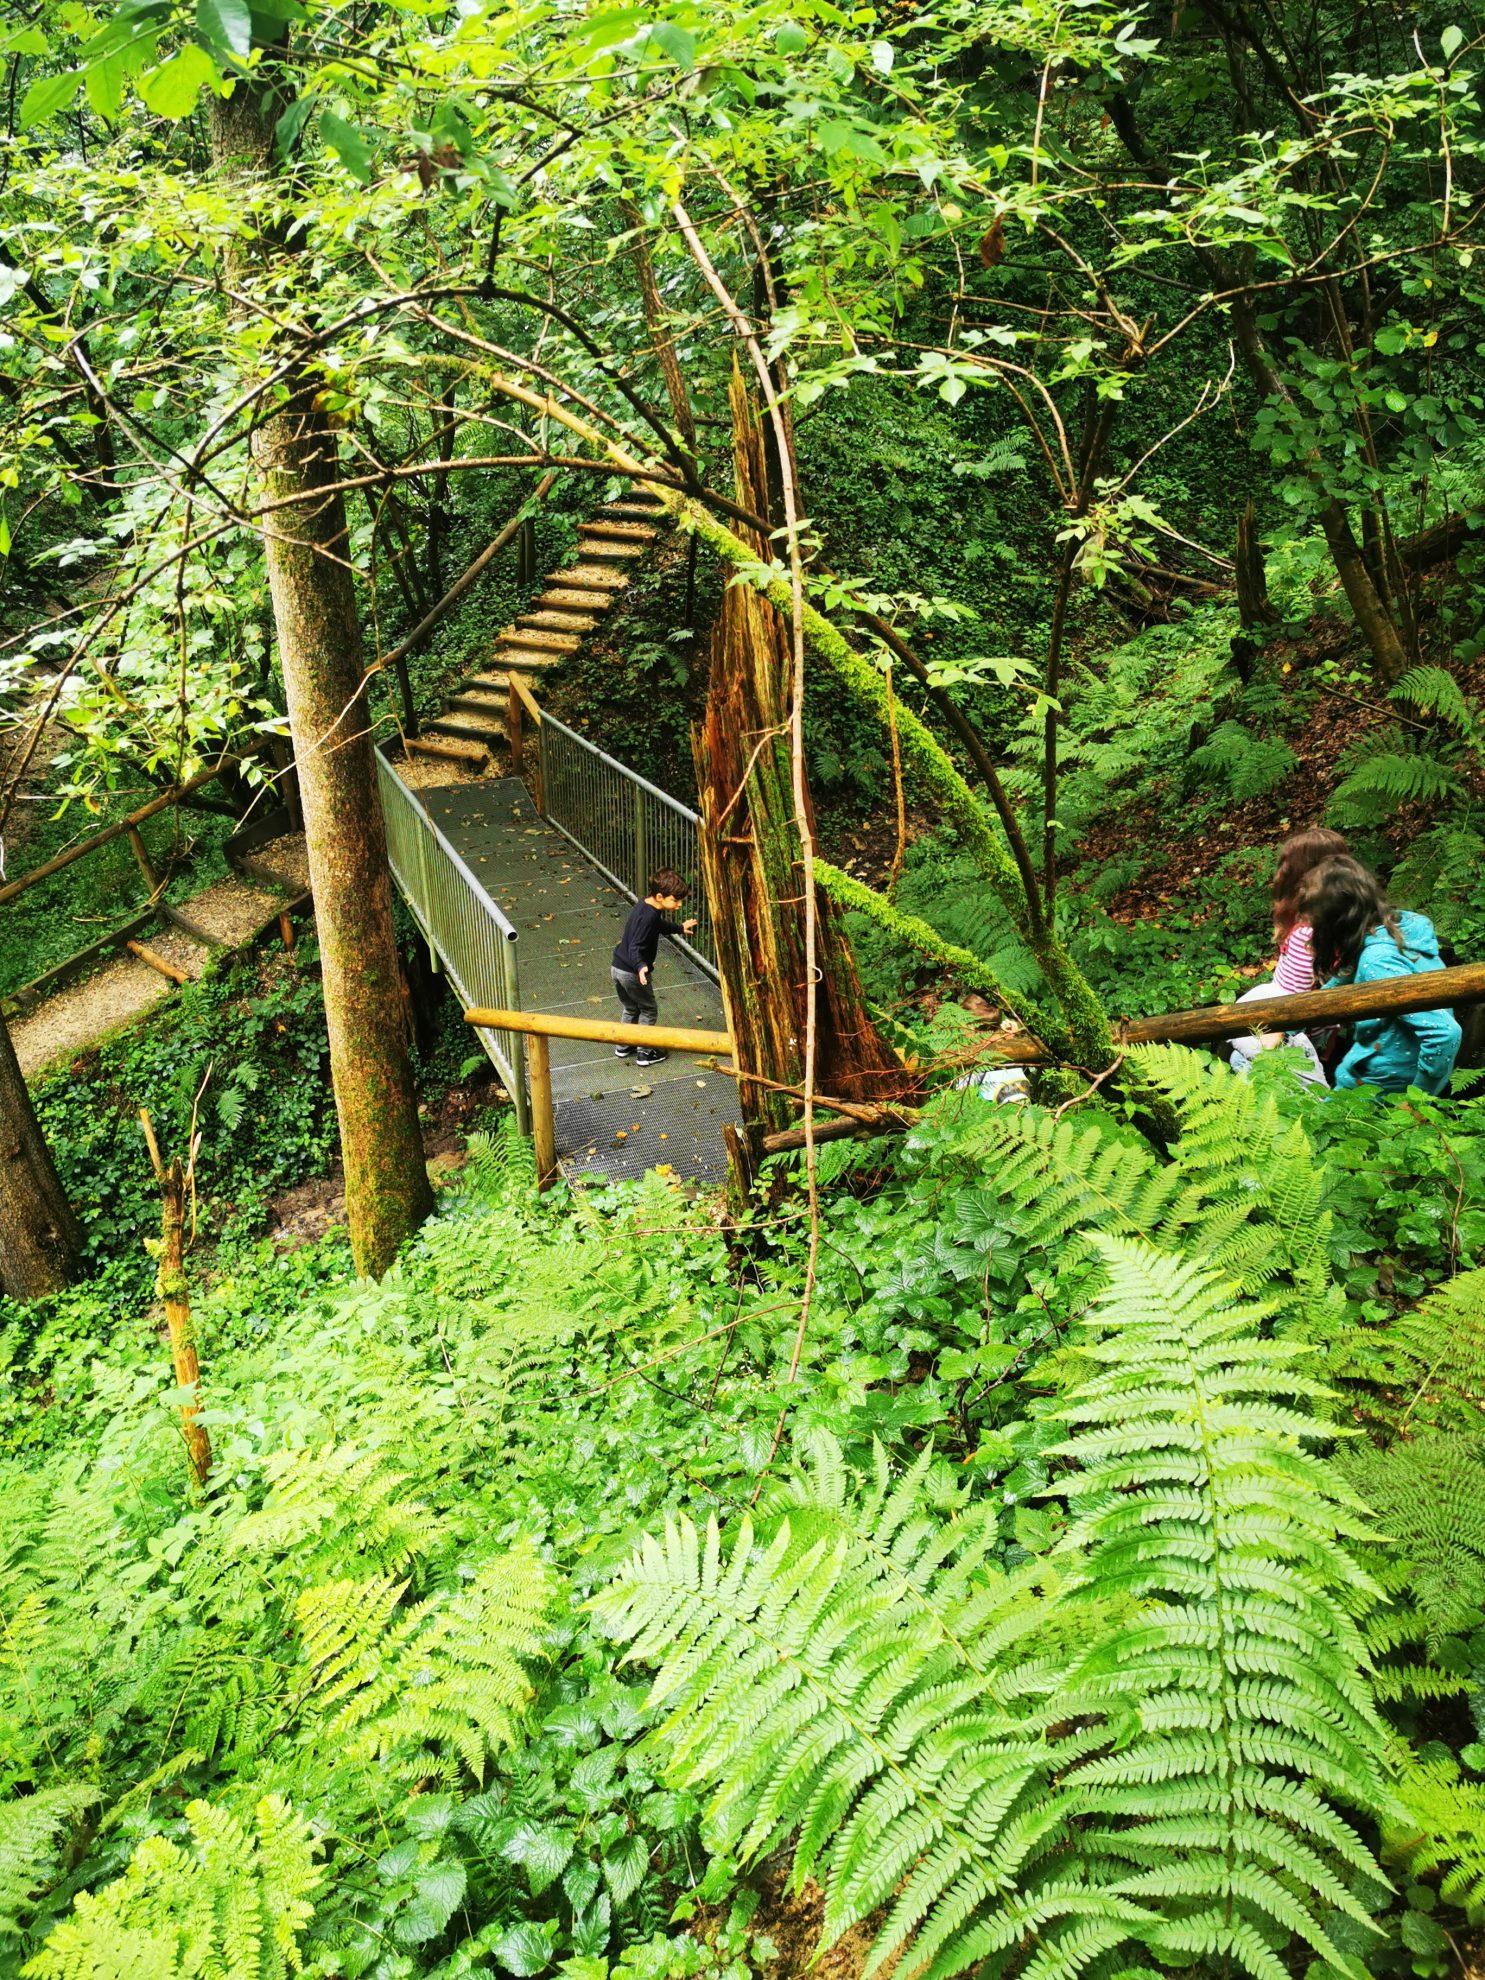 Spannende und verschlungene Wege führen durch den Wald.